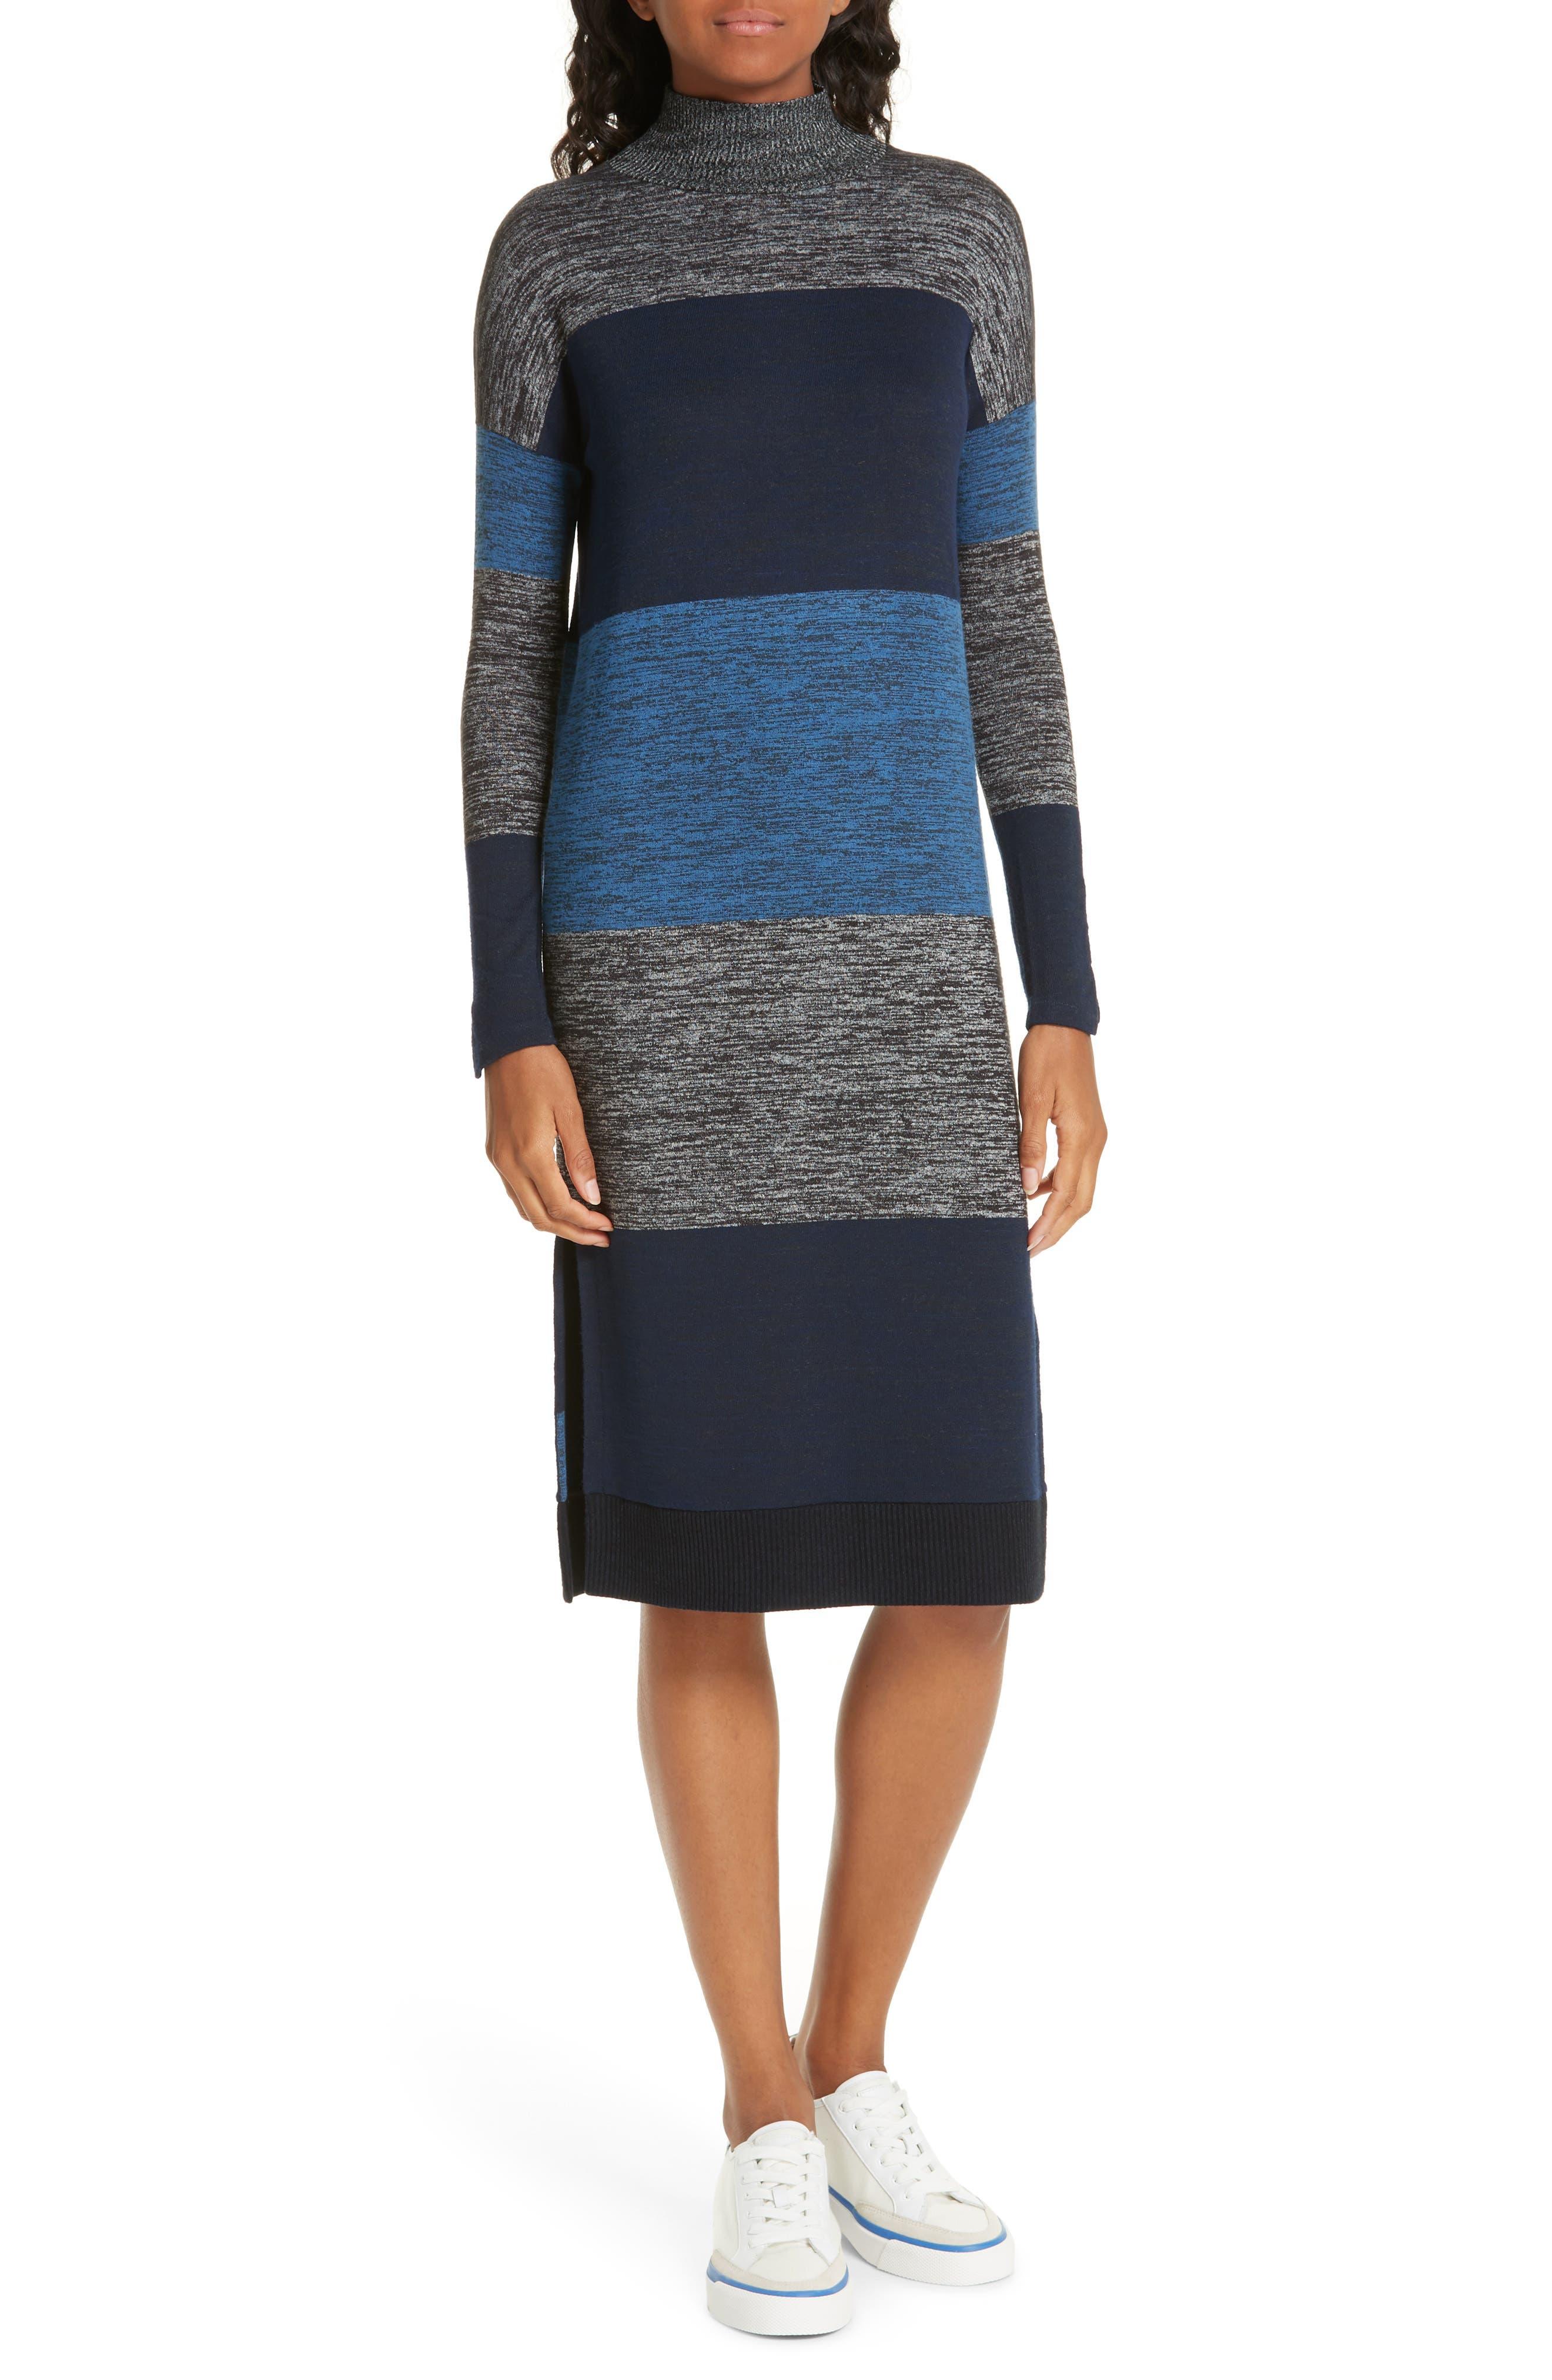 Bowery Striped Turtleneck Sweaterdress in Blue Stripe